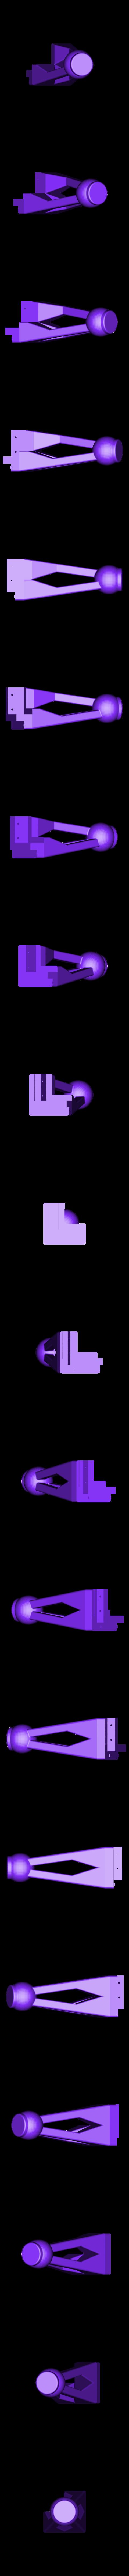 Tronxy_X5S_Leg.stl Télécharger fichier STL gratuit Tronxy X5S Jambes • Design imprimable en 3D, ChrisBobo